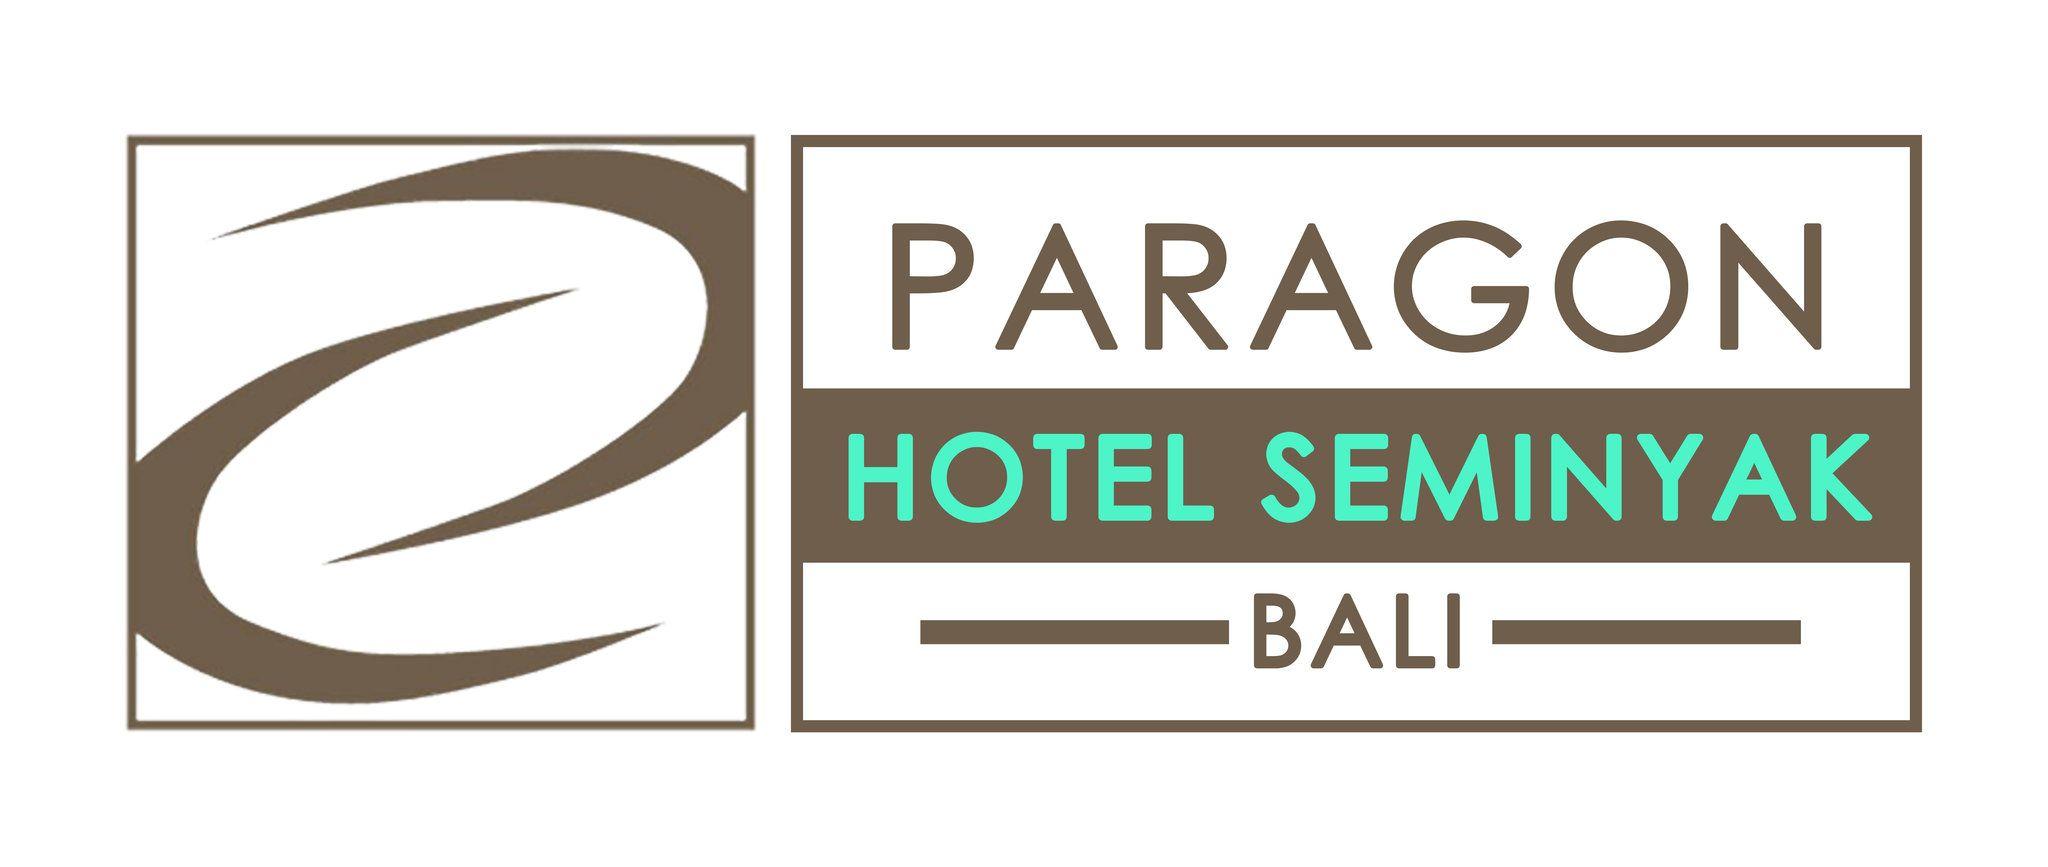 Paragon Hotel Seminyak